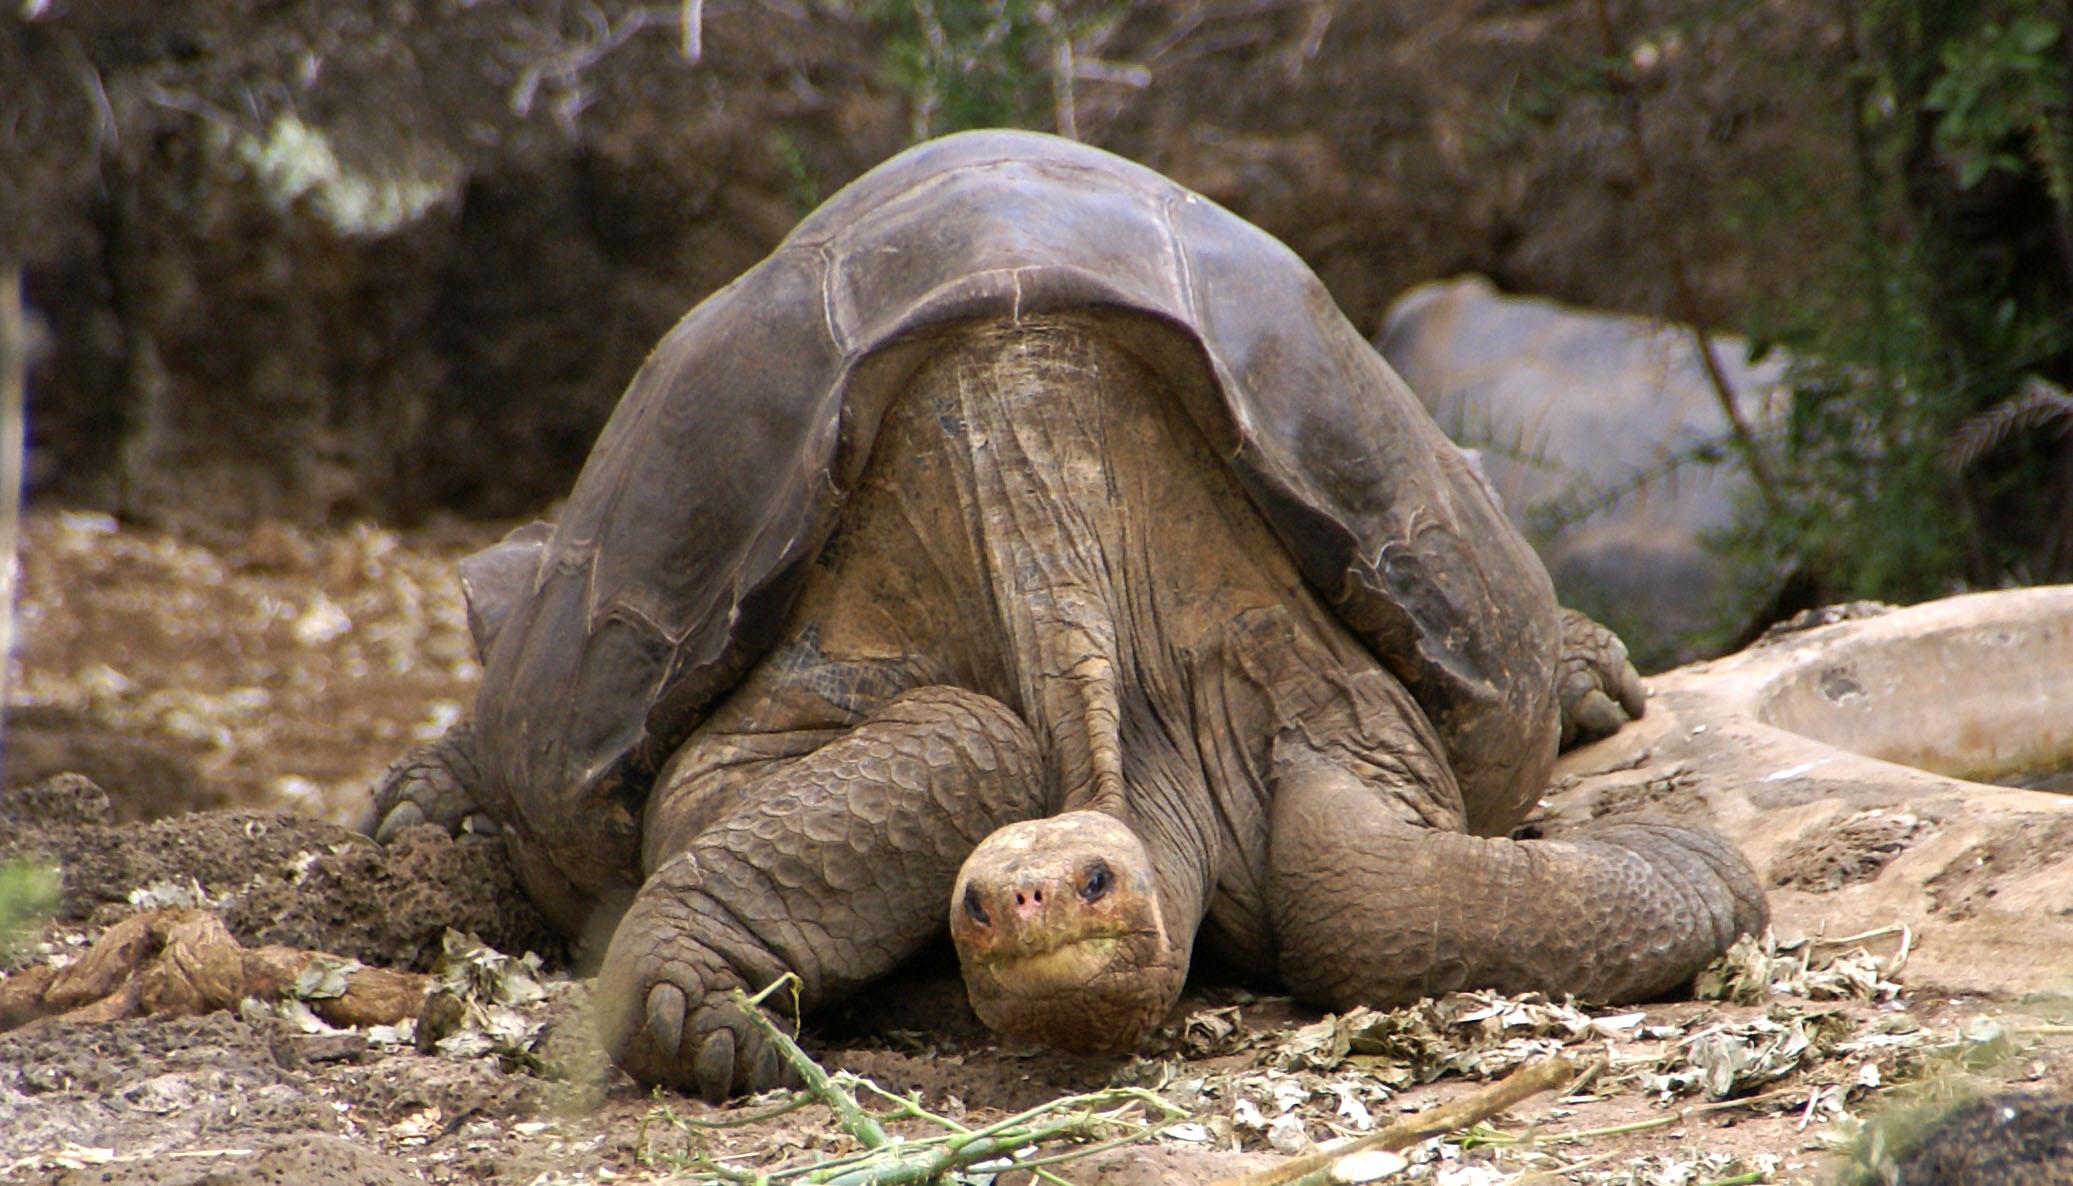 찰스다윈연구소에서 쉬고 있는 '외로운 조지'. 2012년에 숨을 거둬 이 거북이 속한 핀타섬육지거북은 지구상에서 자취를 감췄다.